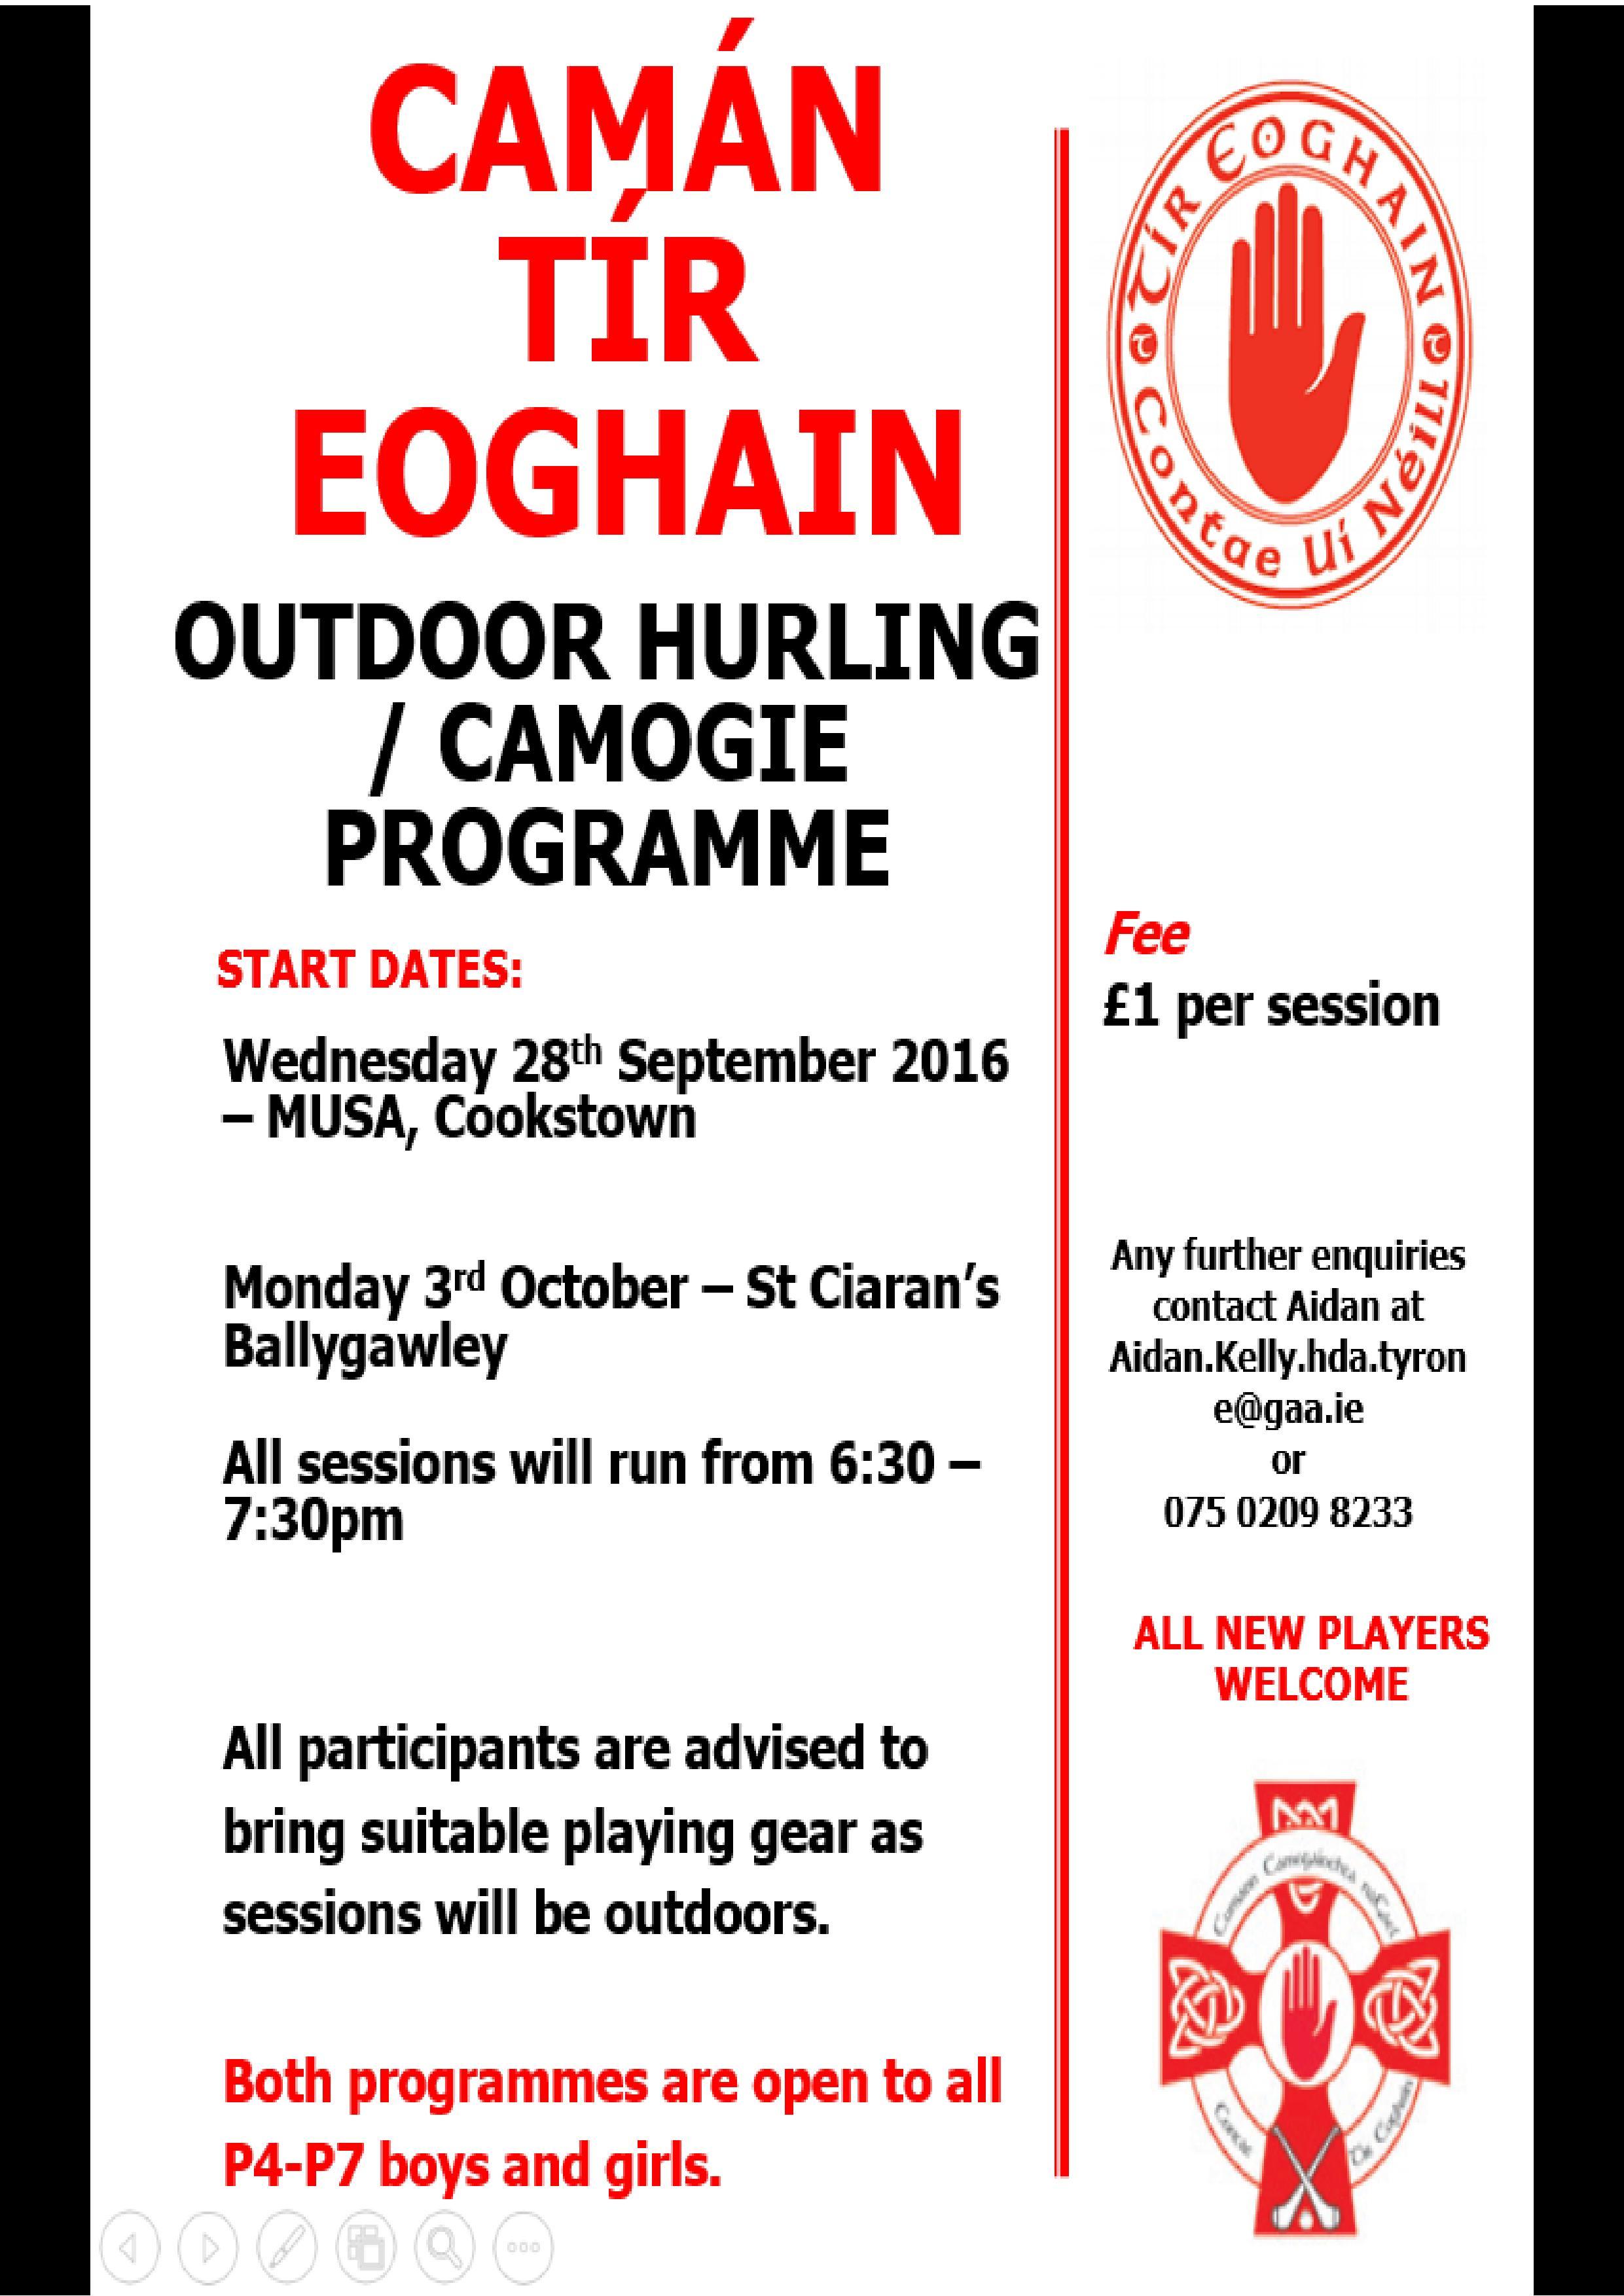 Camán Tír Eoghain returns in Cookstown